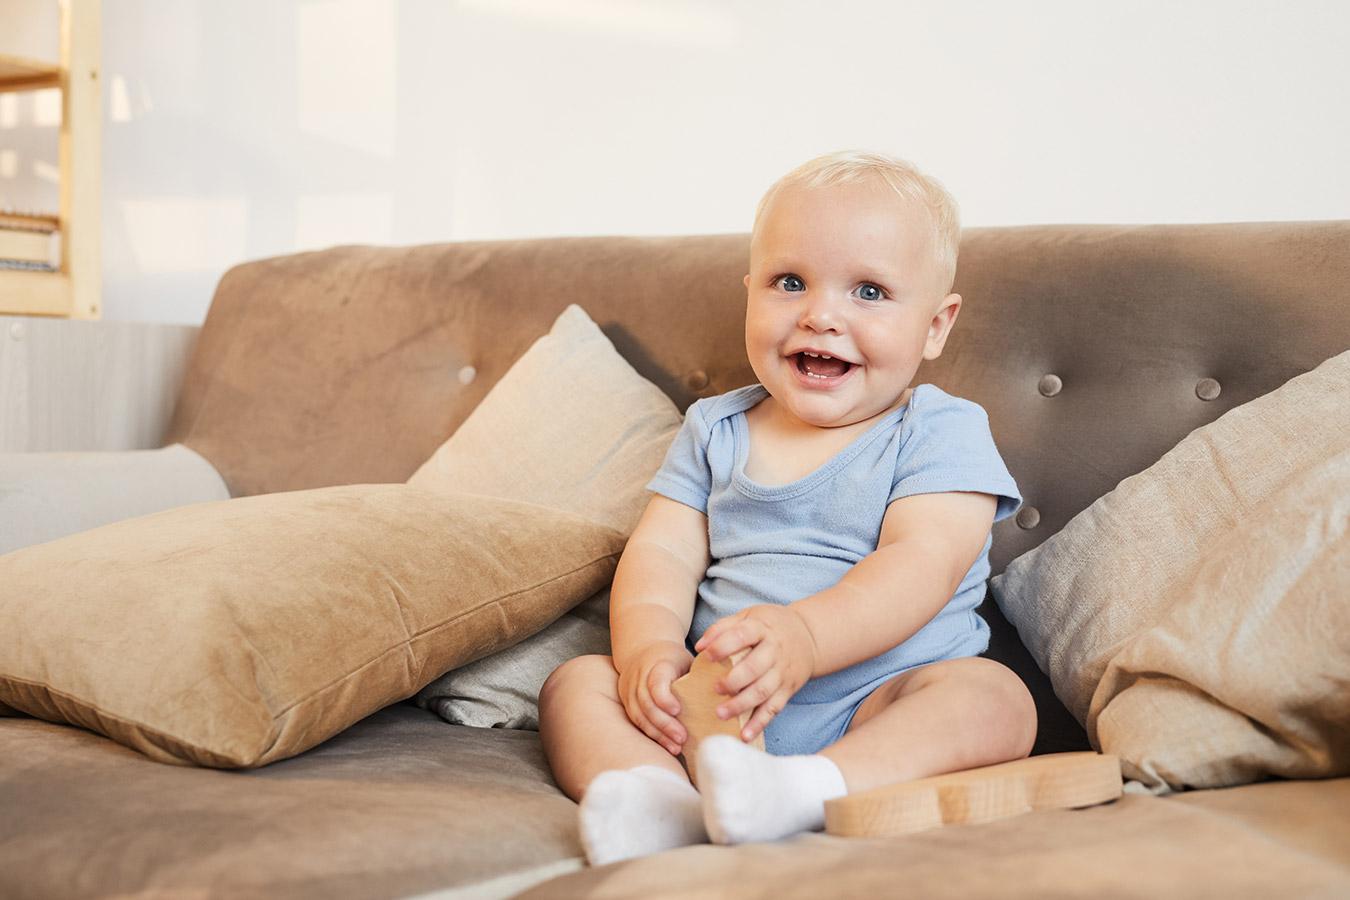 38 tygodniowe dziecko – Jak wygląda 9 miesiąc życia dziecka?